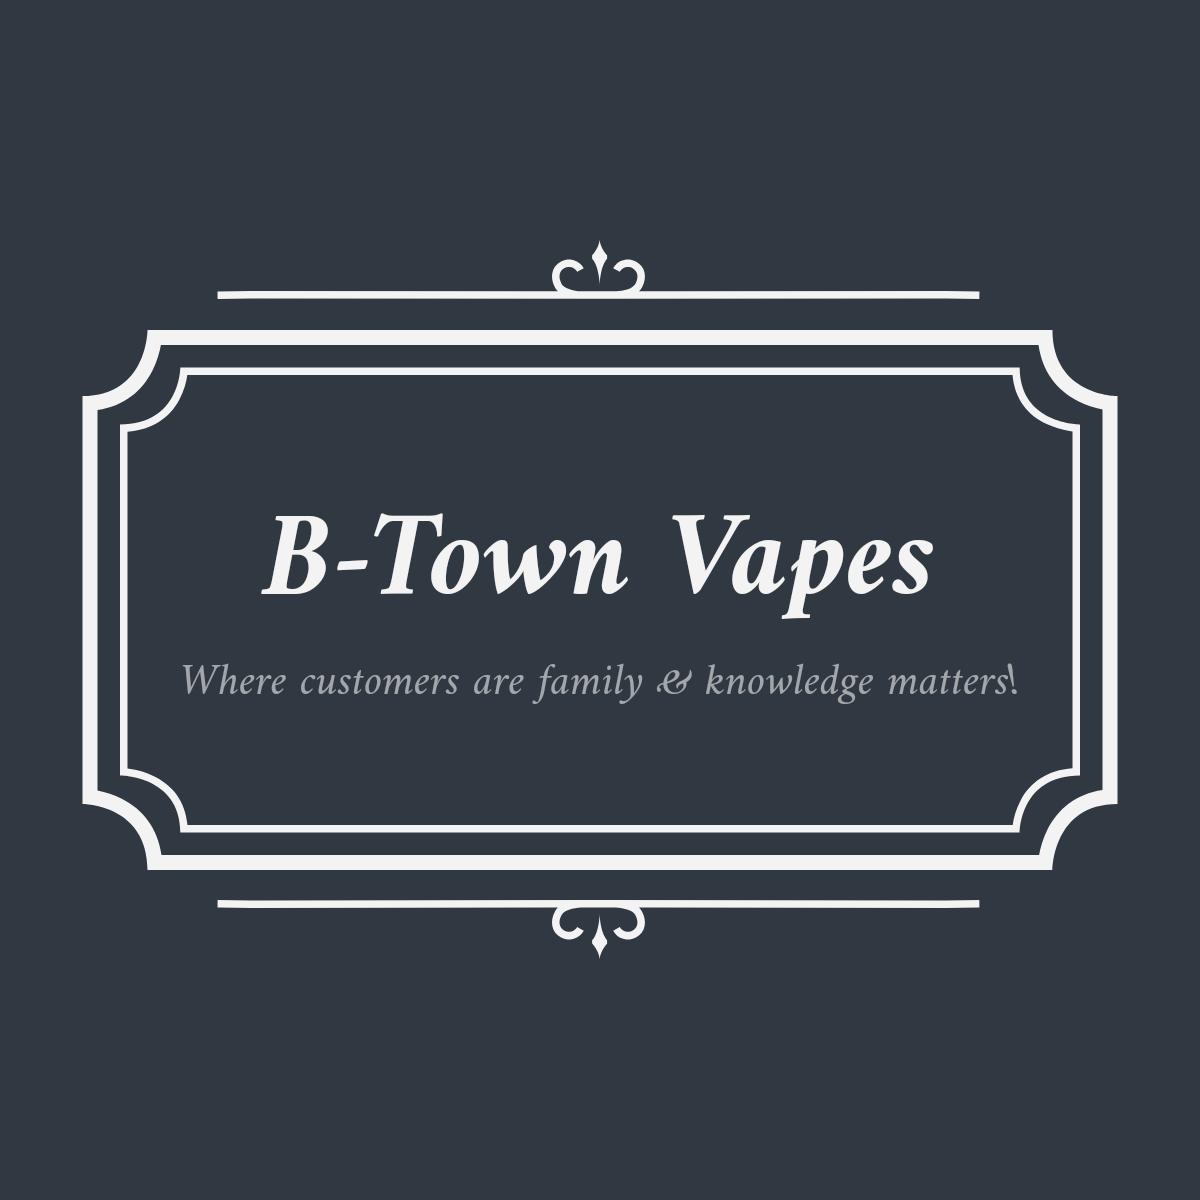 B-Town Vapes